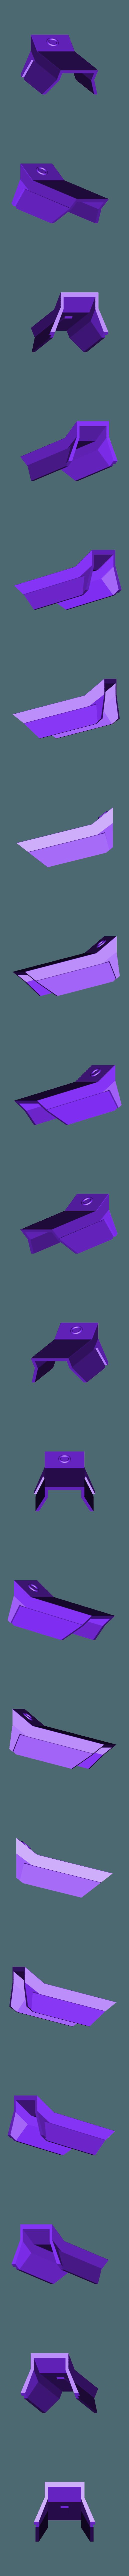 Barrell_Cover_Top.stl Télécharger fichier STL gratuit Borderlands Bandit Room Clener Shotgun • Modèle pour impression 3D, Dsk